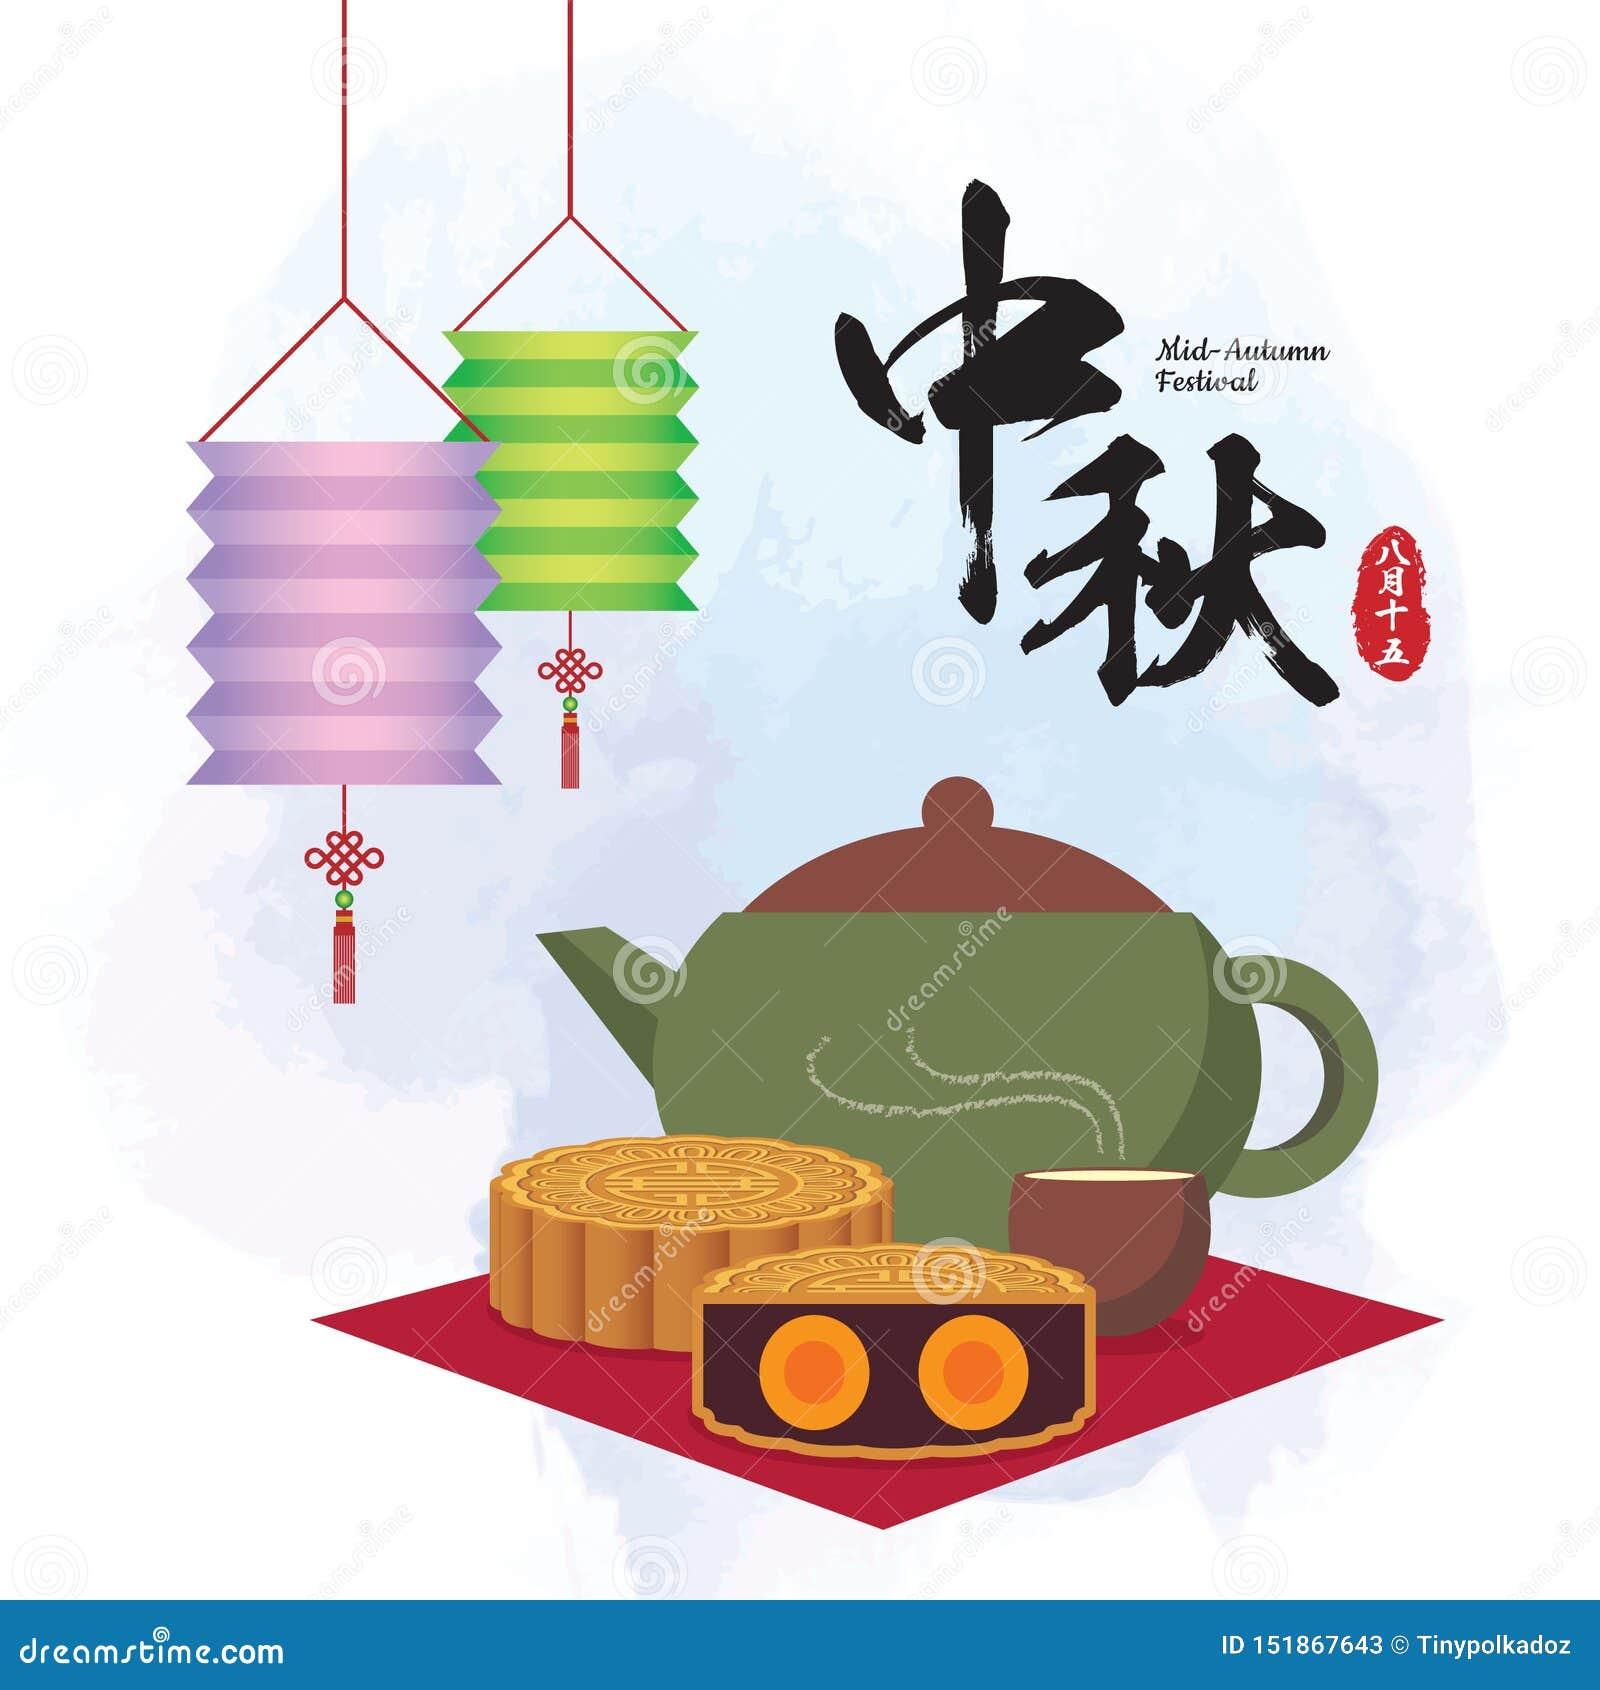 Το μέσο φεστιβάλ φθινοπώρου του φαναριού εγγράφου, teapot έθεσε και mooncake στο μπλε watercolor packground